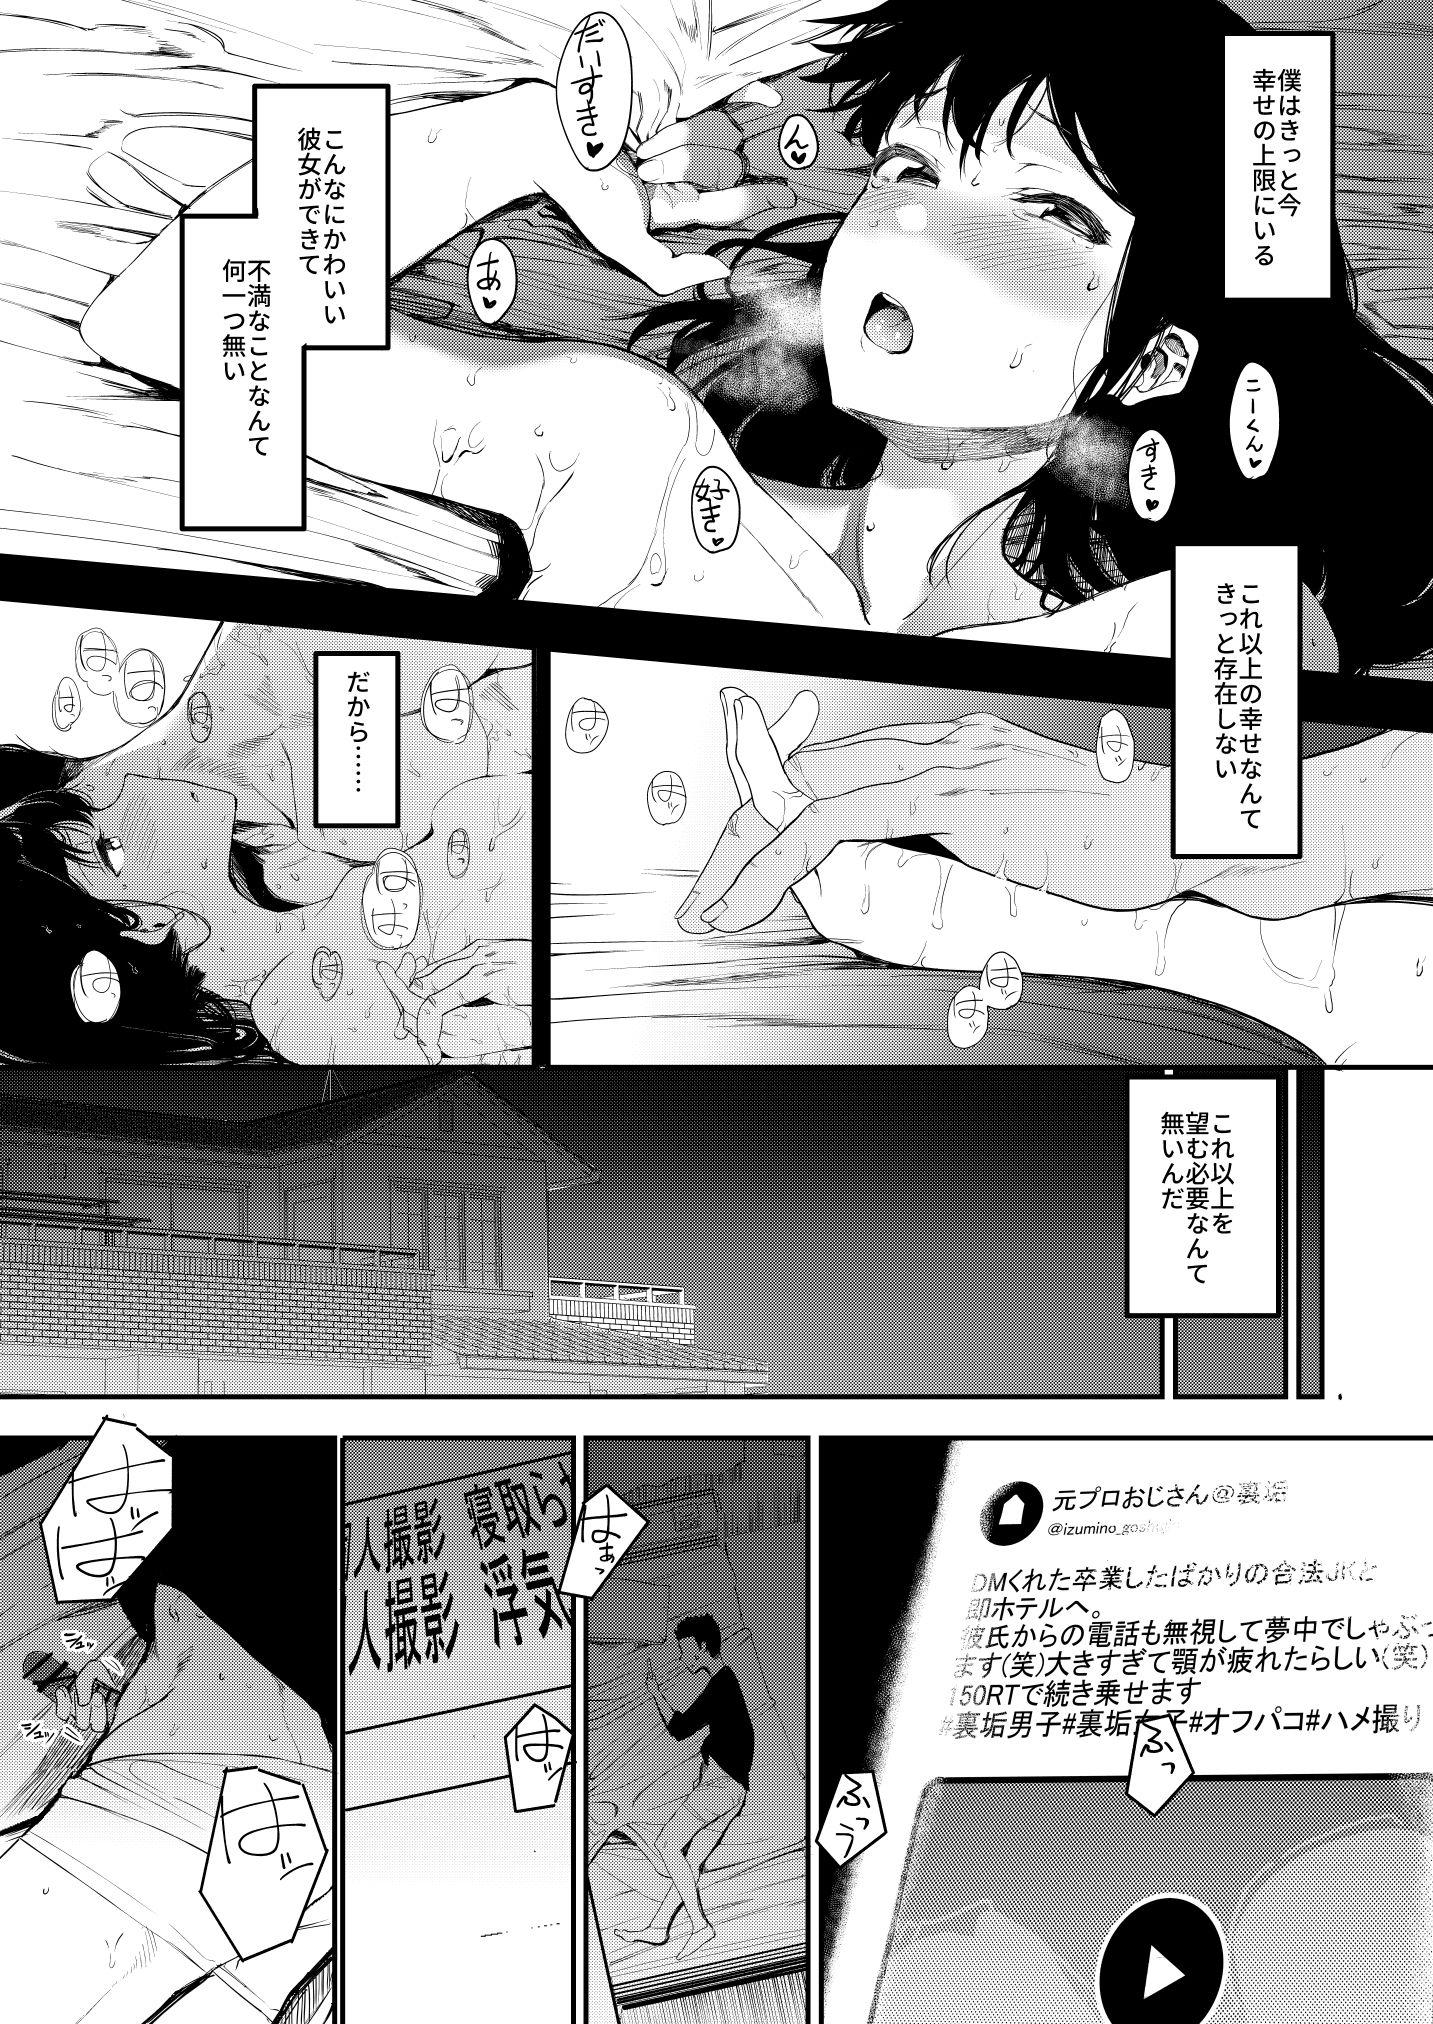 【エロ漫画無料大全集】【NTRエロ漫画】寝取られ志願…僕の彼女は僕の為にヤリチンオフパコ裏垢チャラ男に抱かれ…